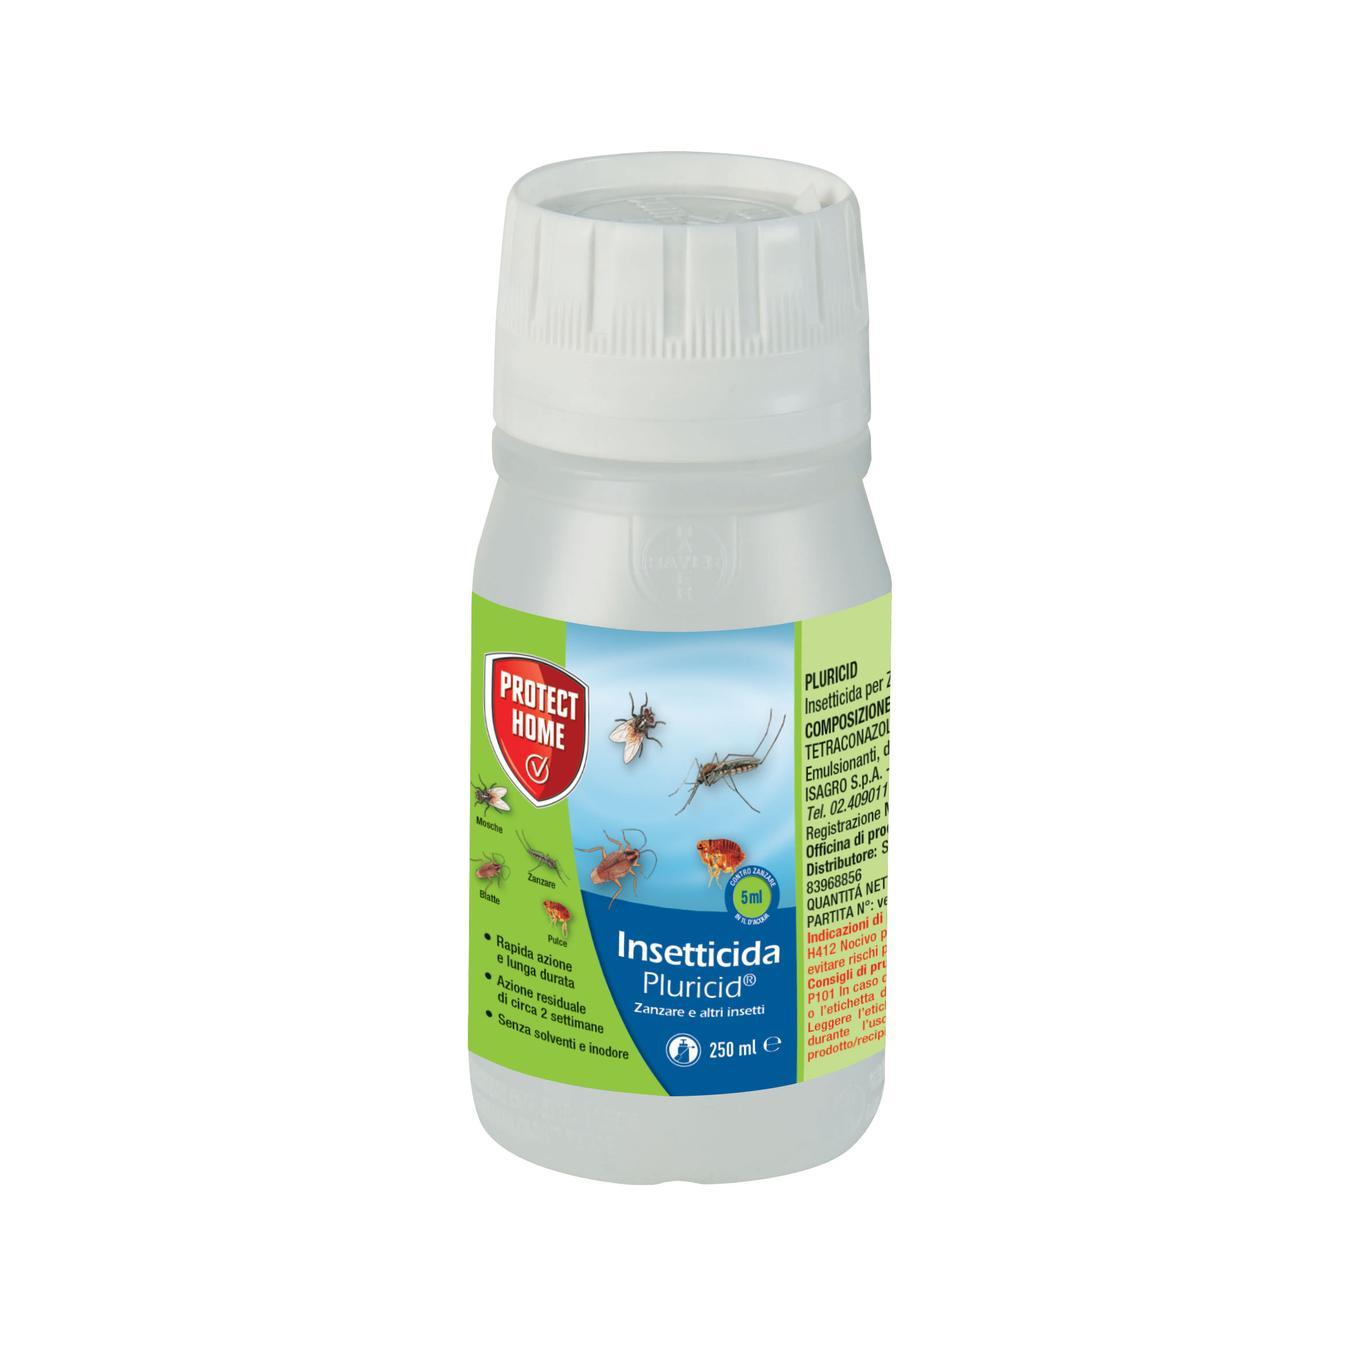 Bayer Pluricid 250ml Insetticida concentrato per la protezione dalla zanzare